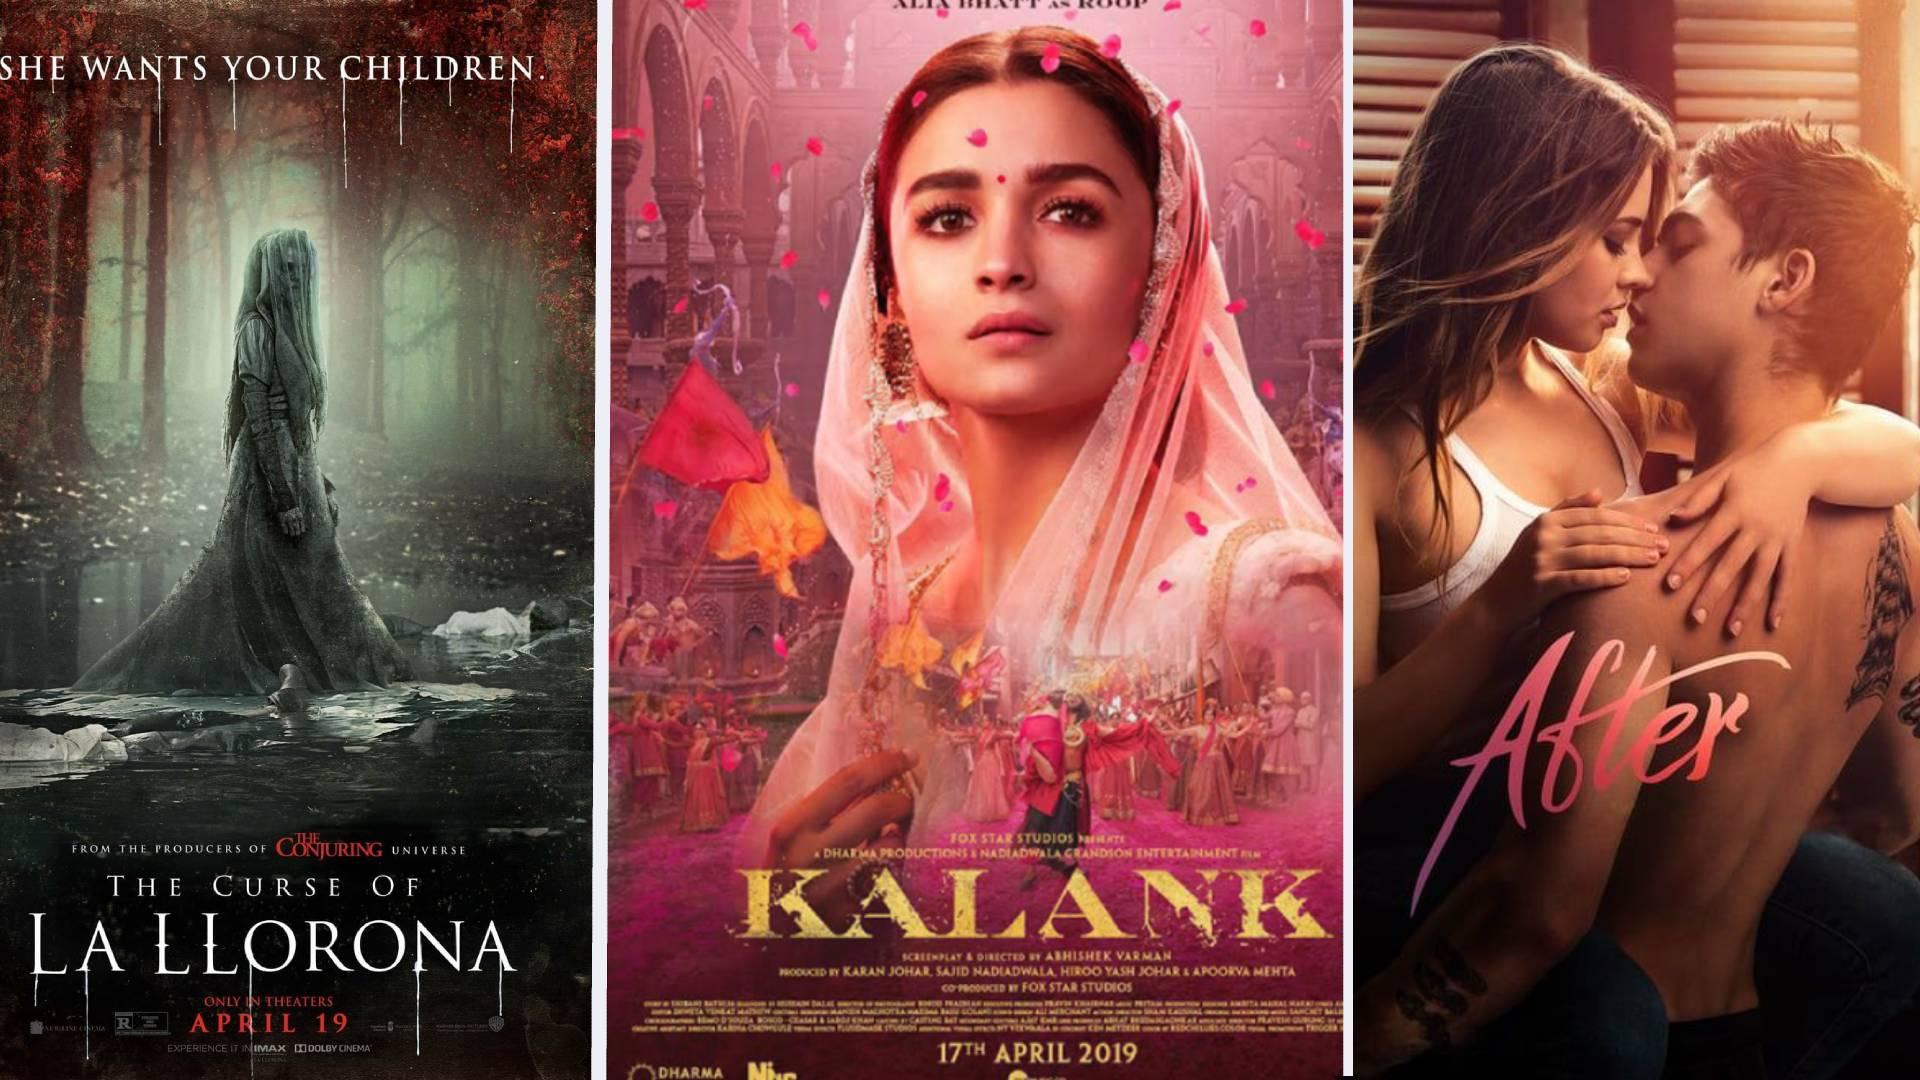 इस हफ्ते लगेगा इन 3 बॉलीवुड-हॉलीवुड फिल्मों का तड़का, रिलीज हो रही है 'कलंक', 'आफ्टर' और 'वीपिंग वुमेन'